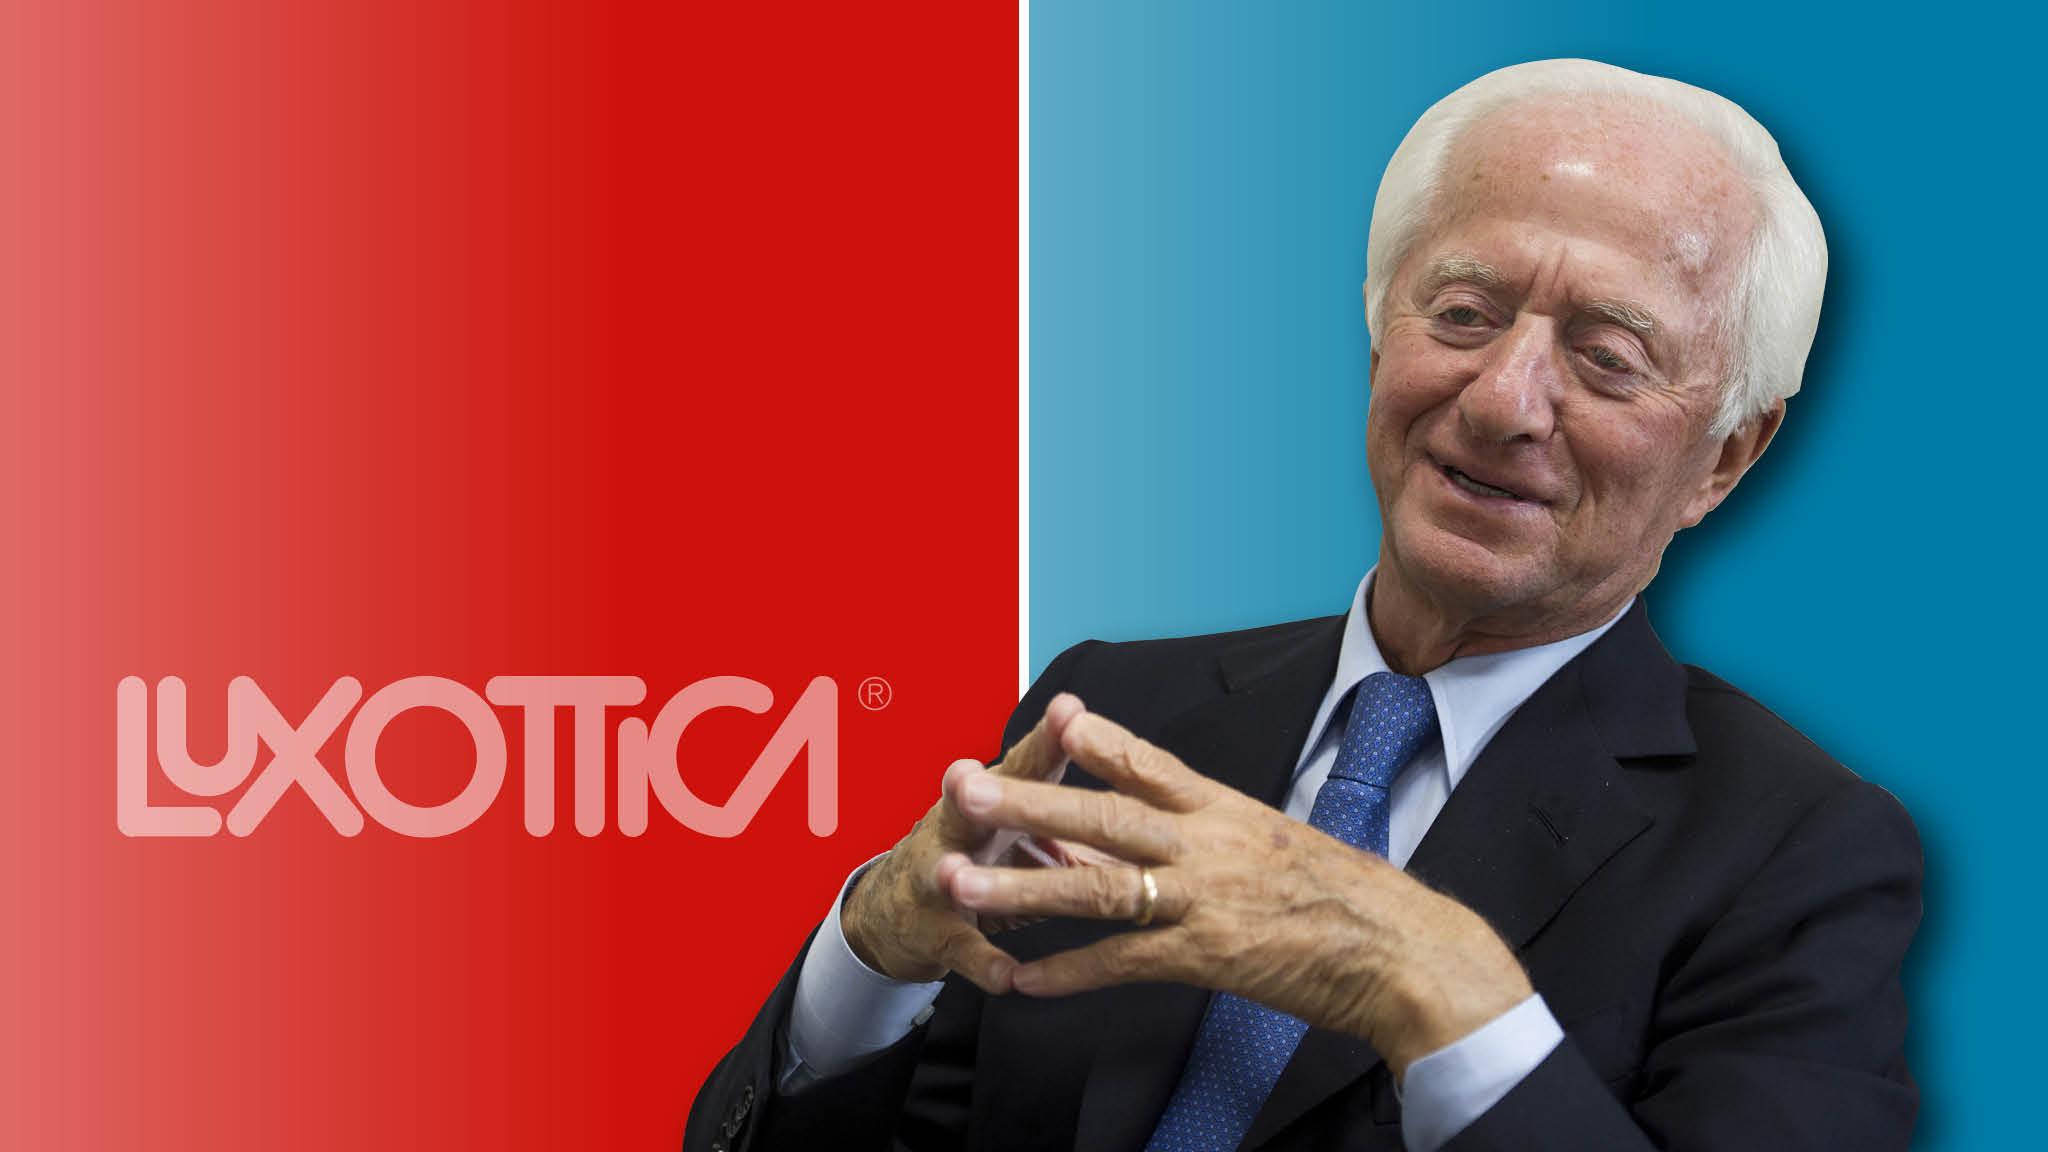 Profile: Leonardo Del Vecchio, founder and chairman of